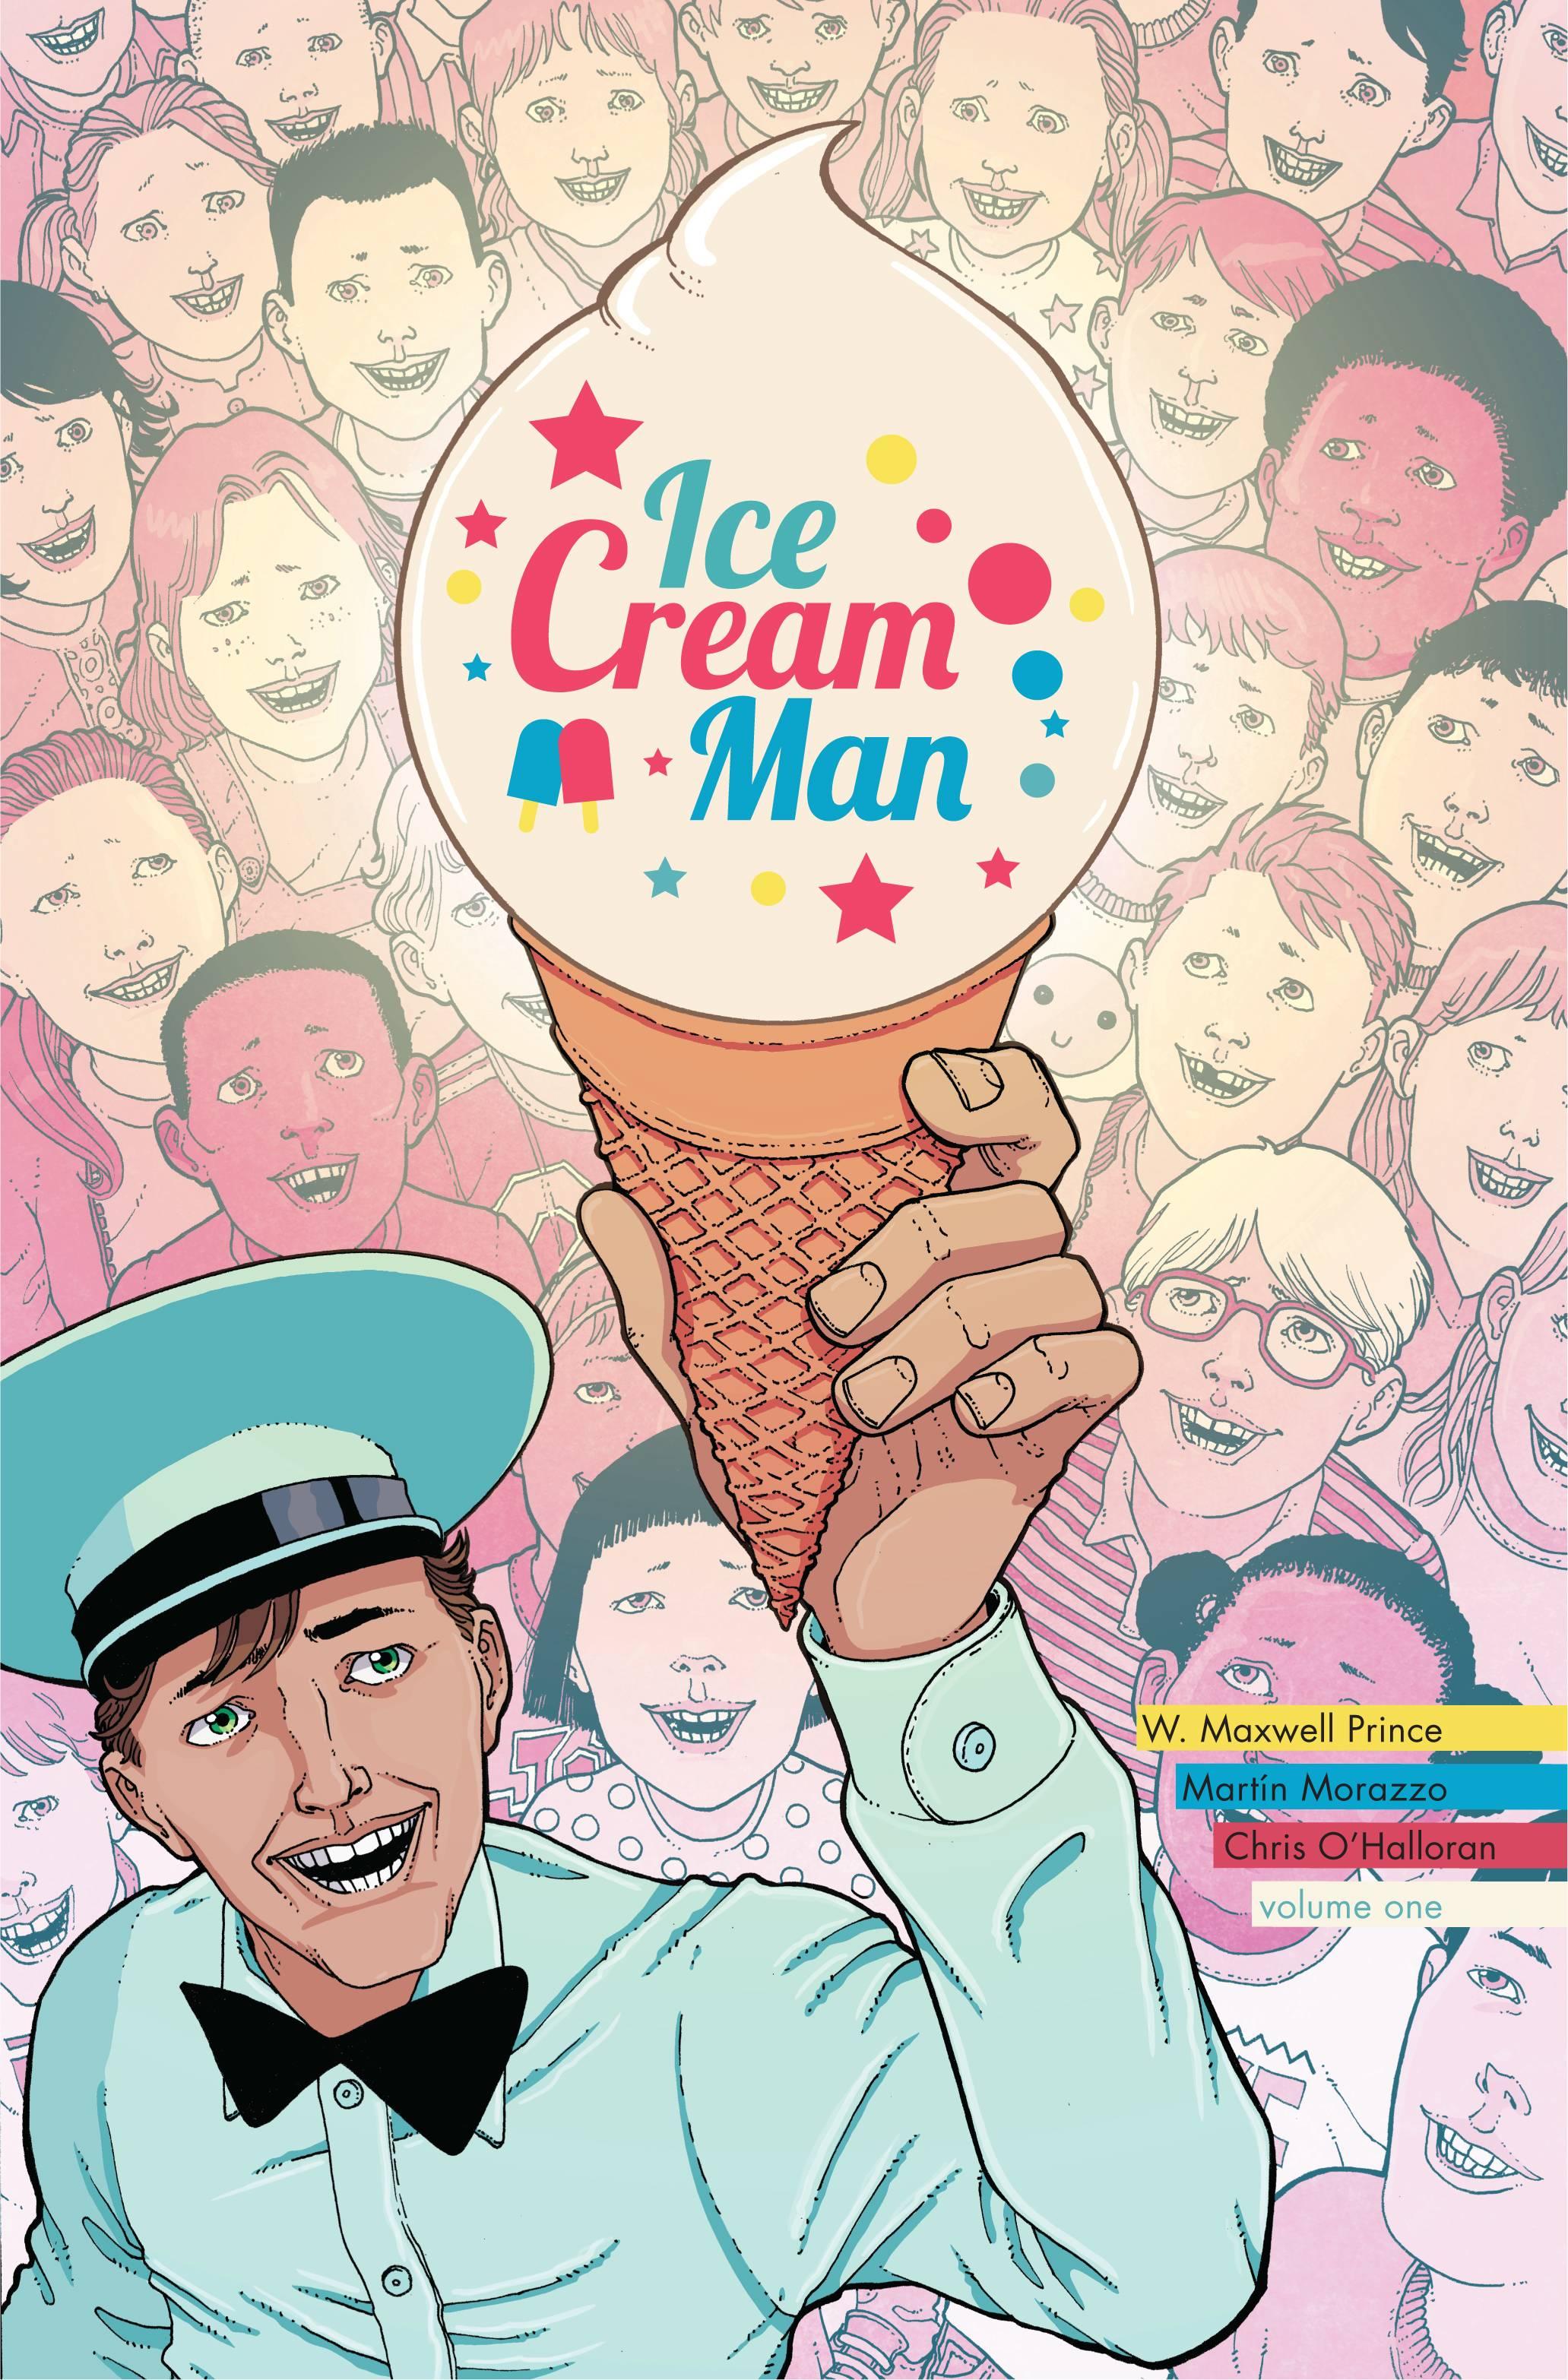 Ice Cream Man Vol 01 - Rainbow Sprinkles TP